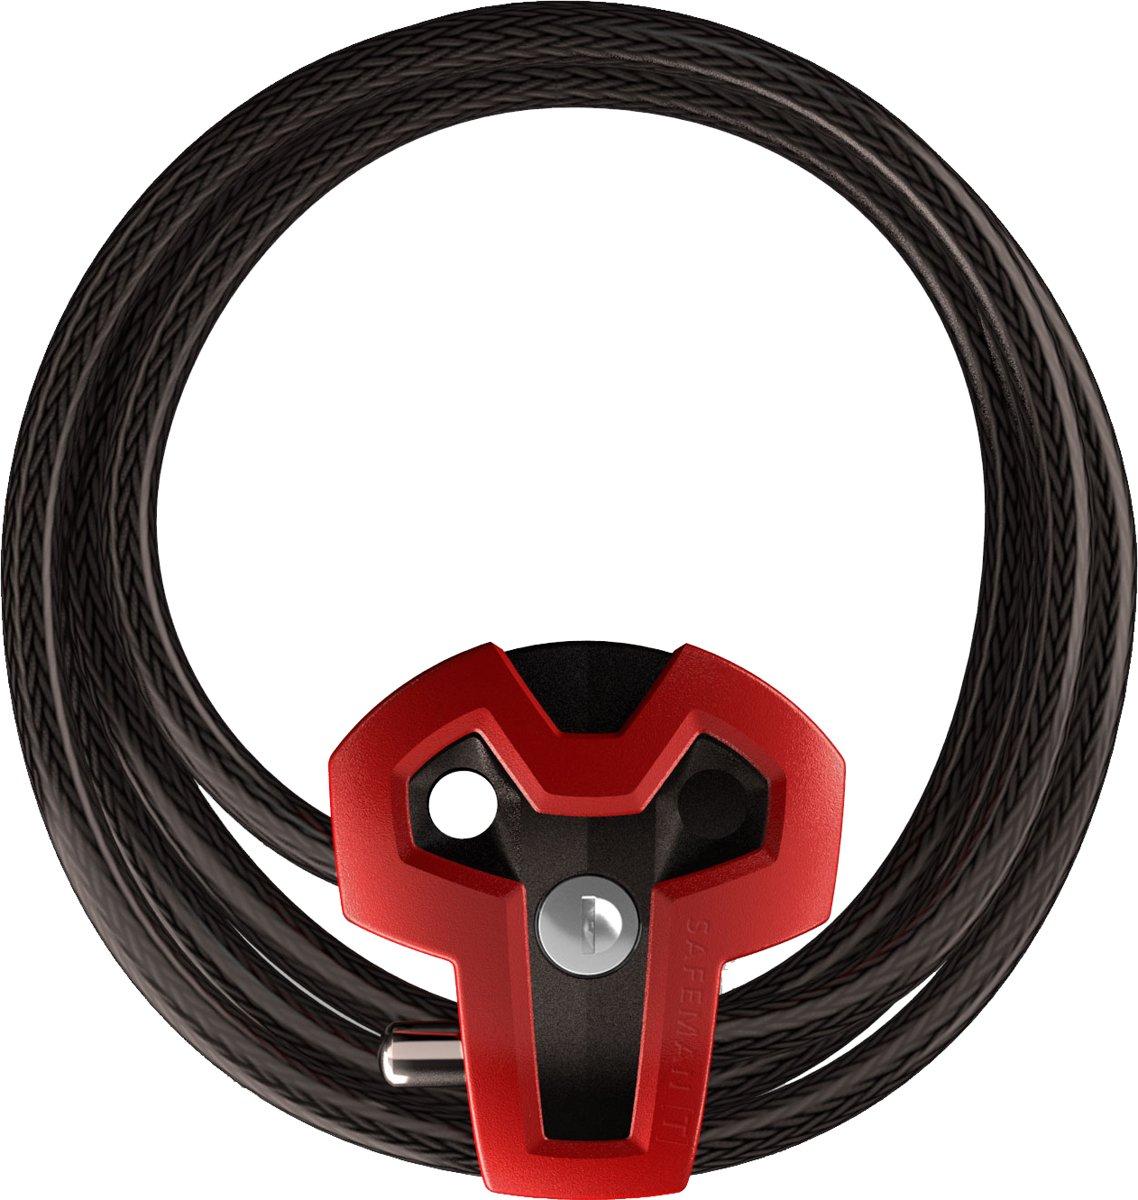 Kabelslot | Mountainbike & Racefiets | Sterk, Handig & Multifunctioneel | Rood